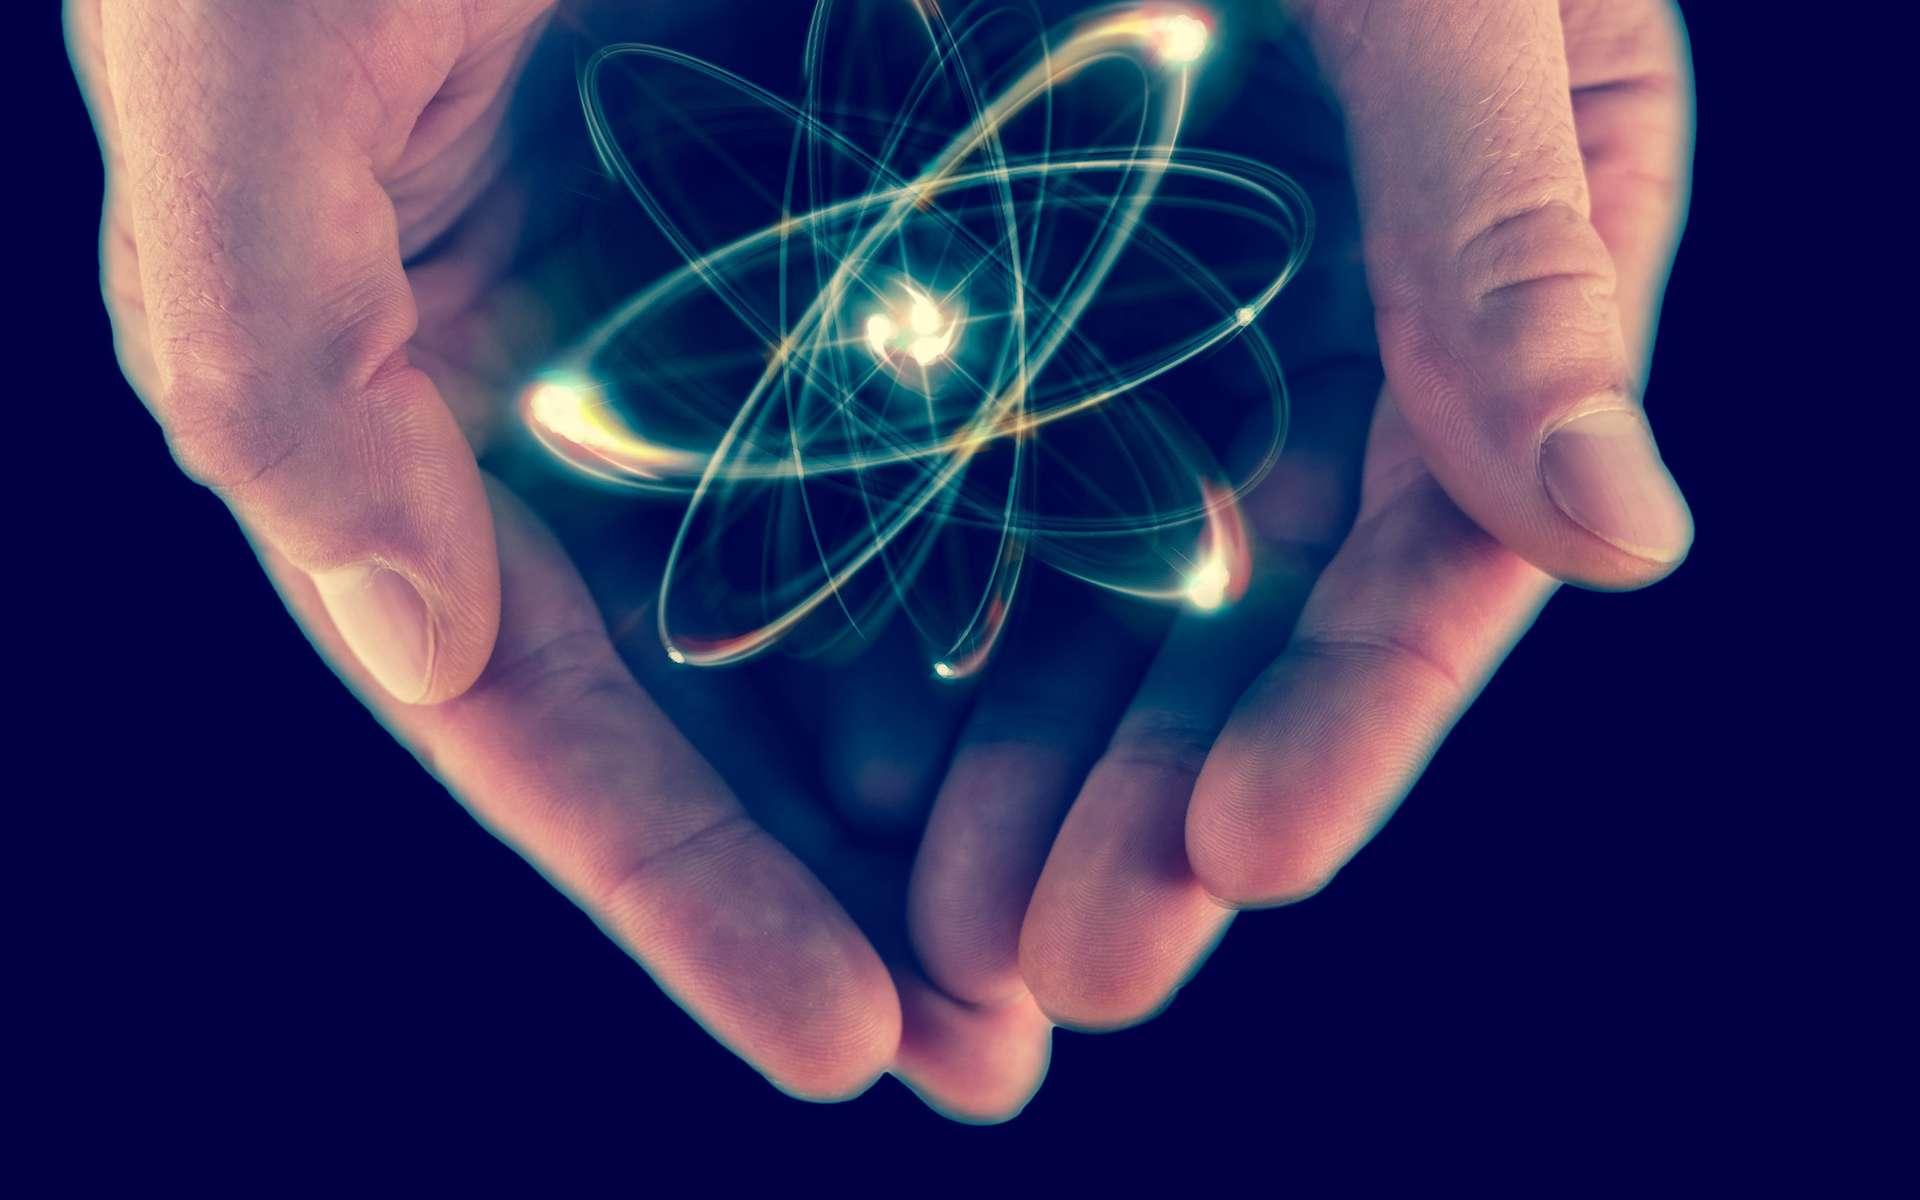 Les atomes sont au cœur de la matière. © Ezume Images, Shutterstock